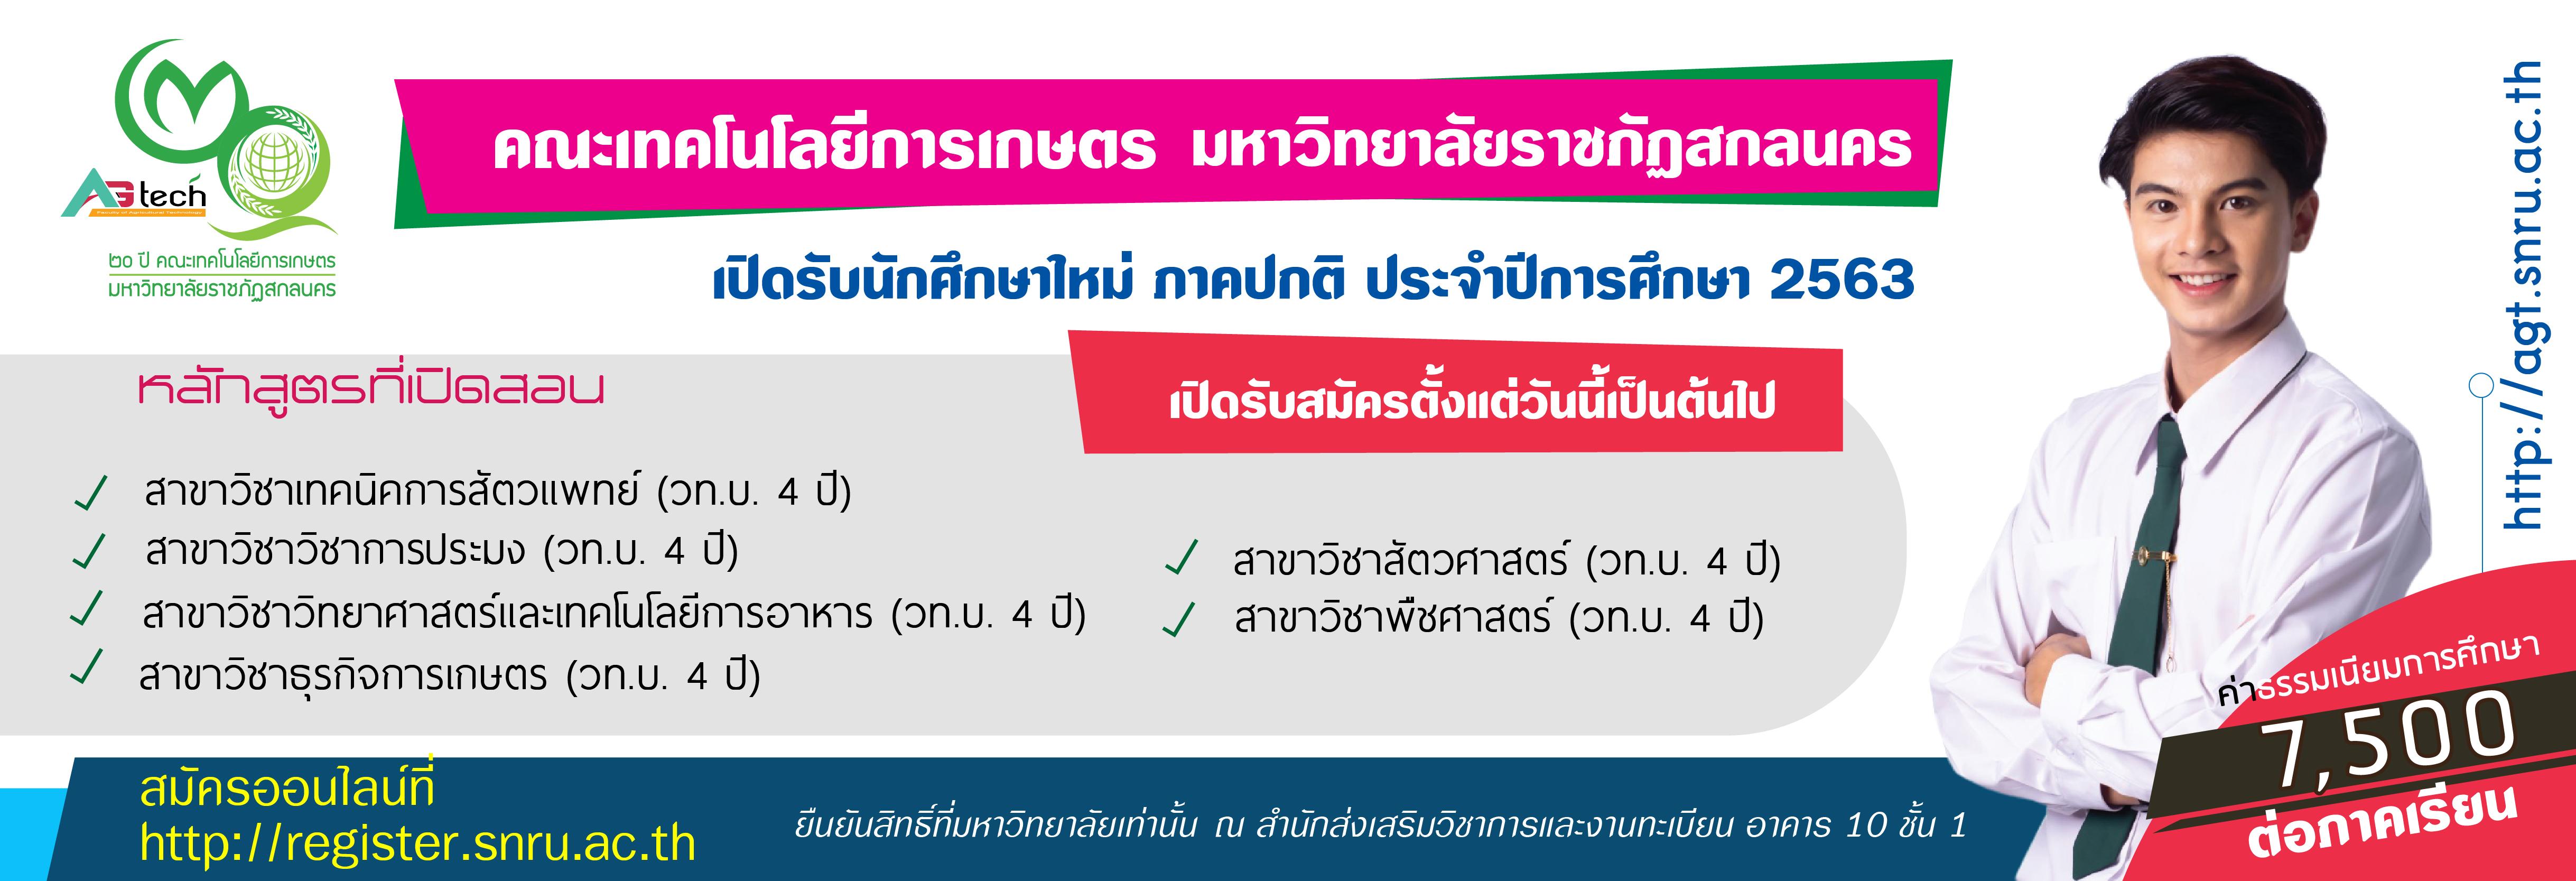 BN-รับสมัครนักศึกษา 2563